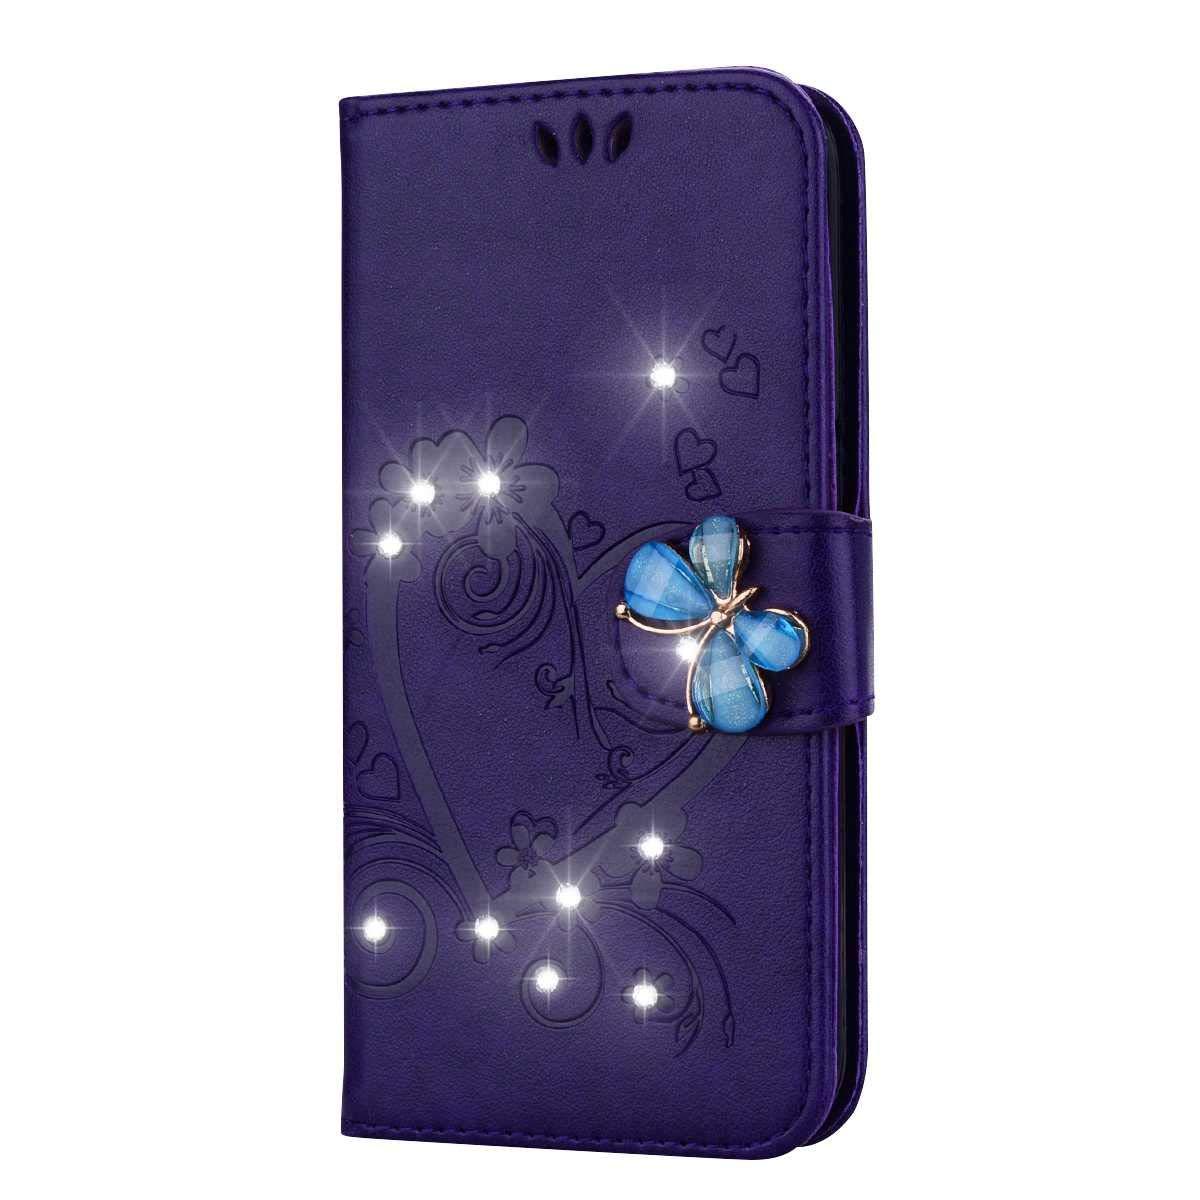 DENDICO Coque Huawei Y6 2018 Briller Portefeuille de Protection en Cuir Flip Etui pour Huawei Y6 2018 Housse de Anti Choc avec Stand Magnétique Fonction - Violet